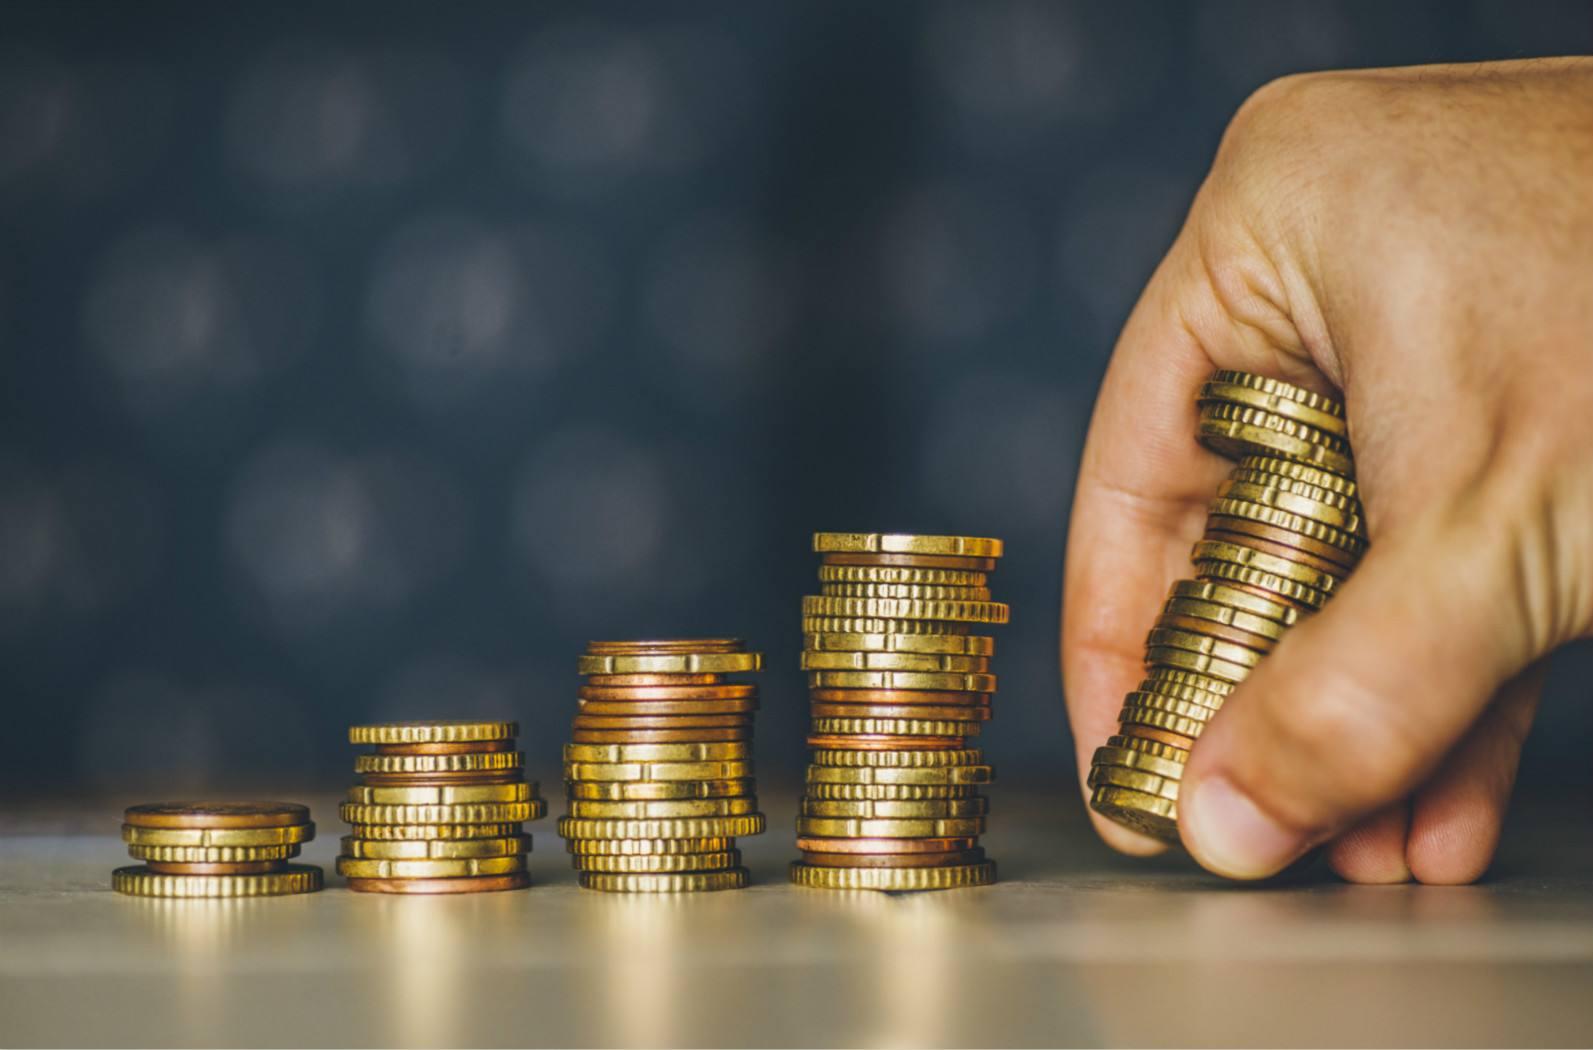 【企服快讯】猎芯网完成1.6亿元B+轮融资,海通证券旗下两直投基金领投